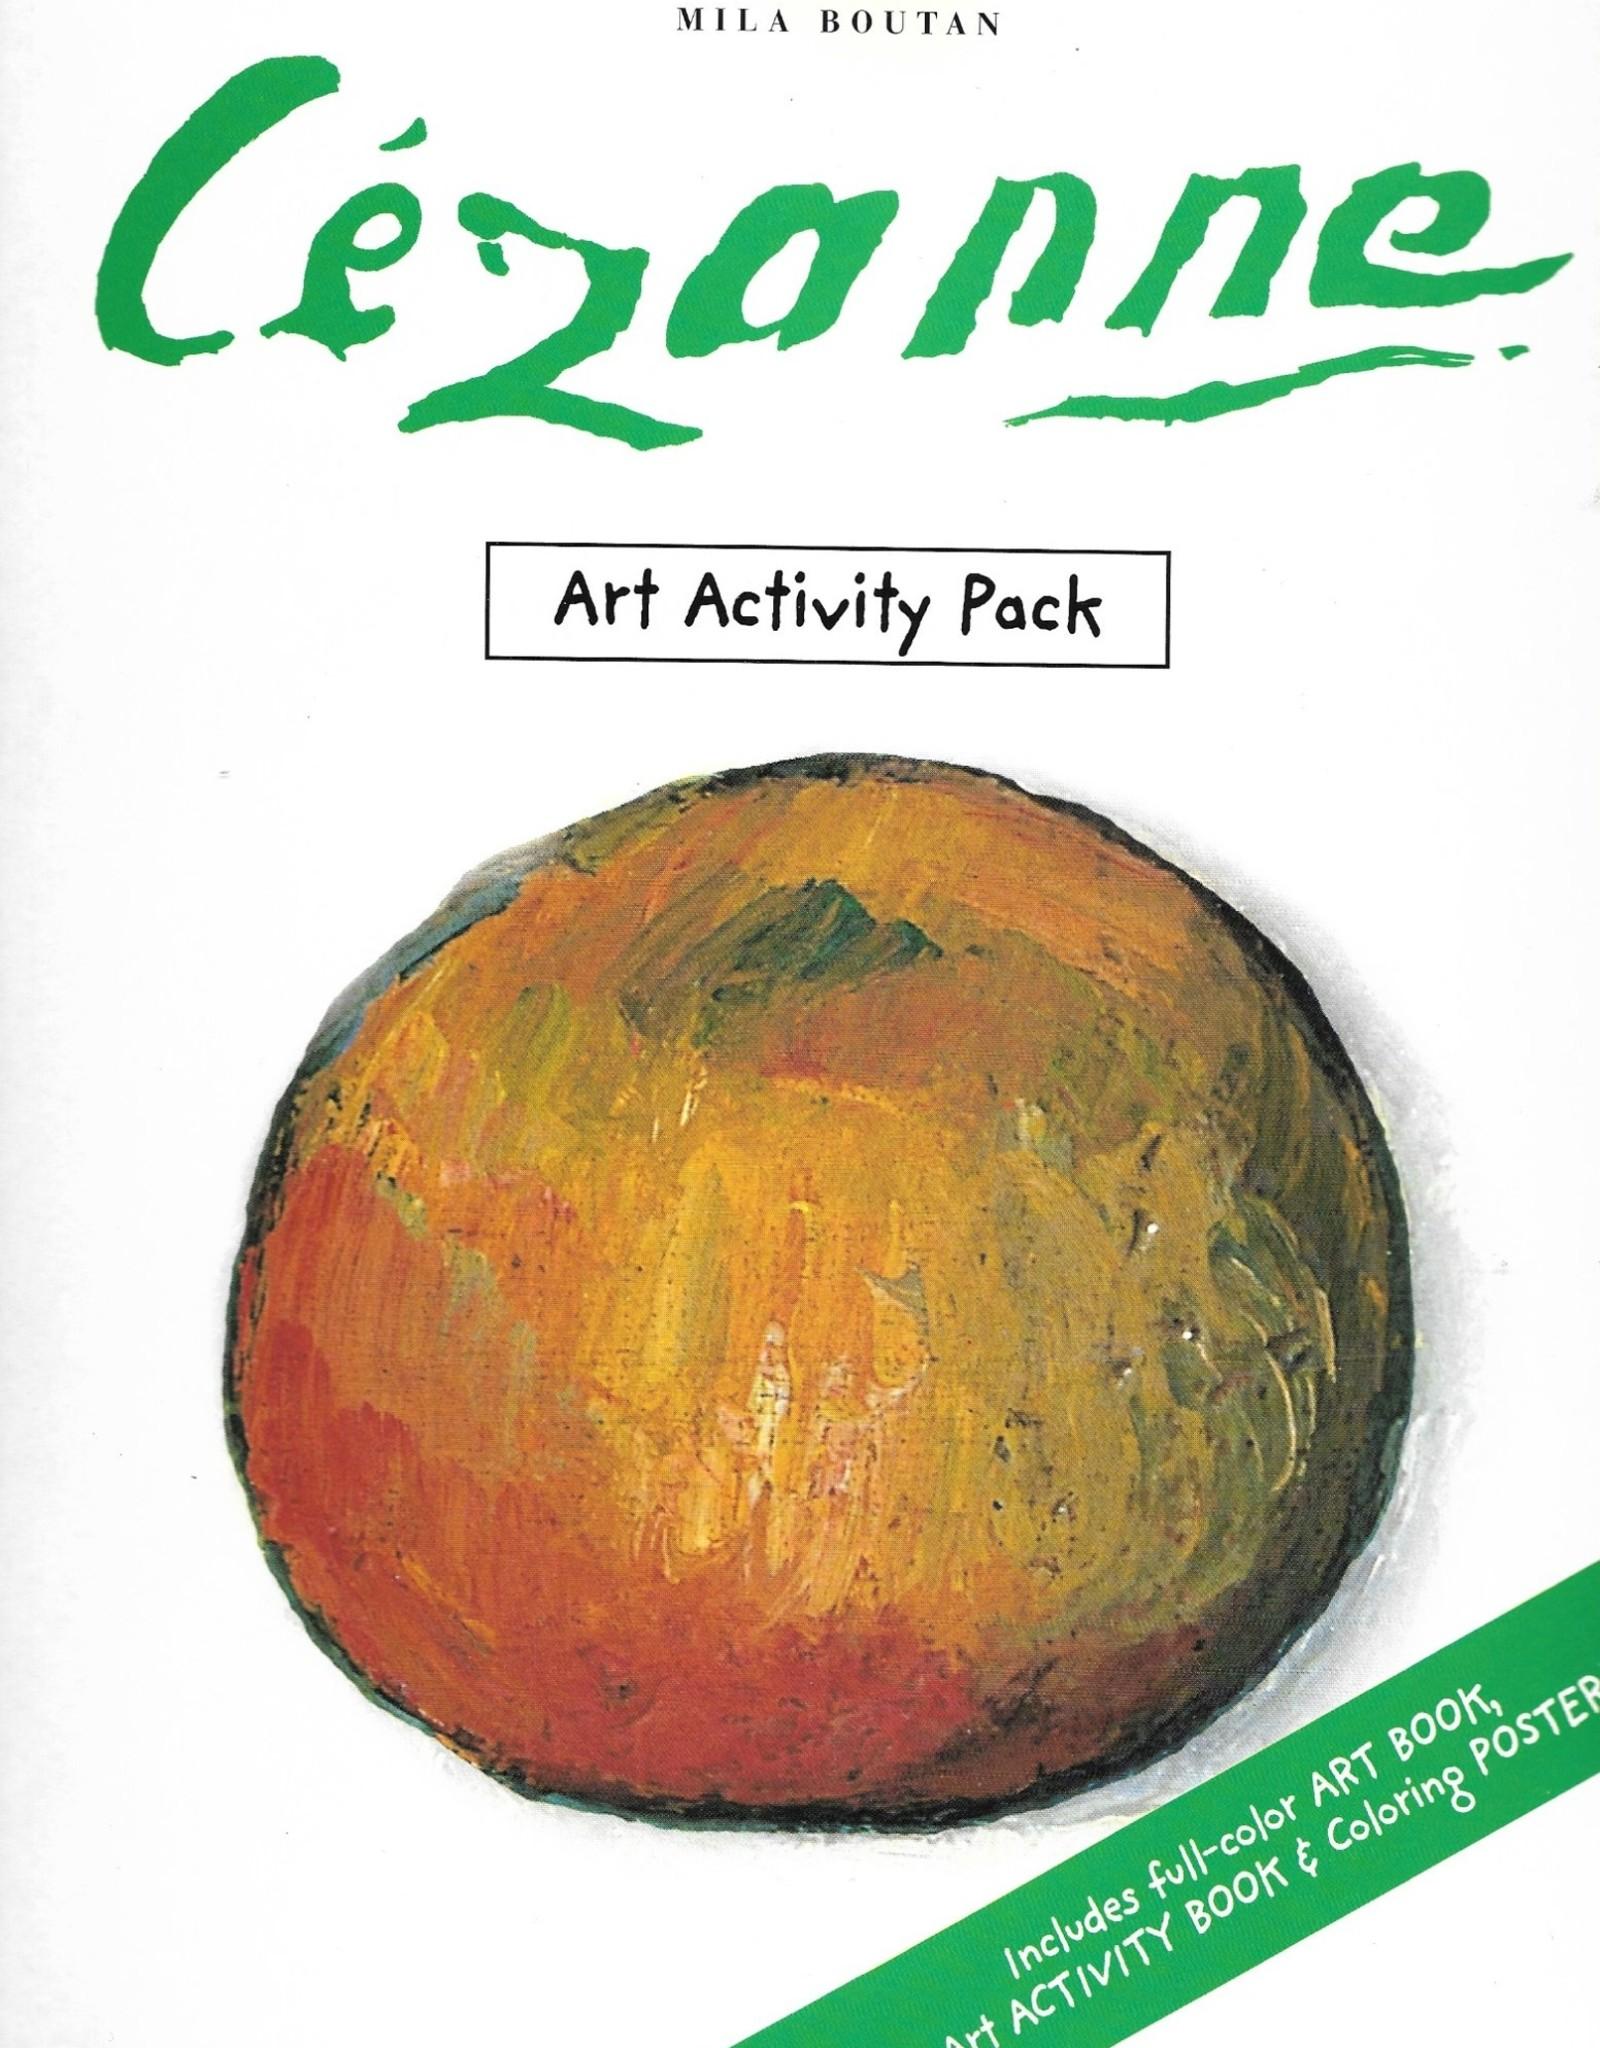 Cezanne: Art Activity Pack